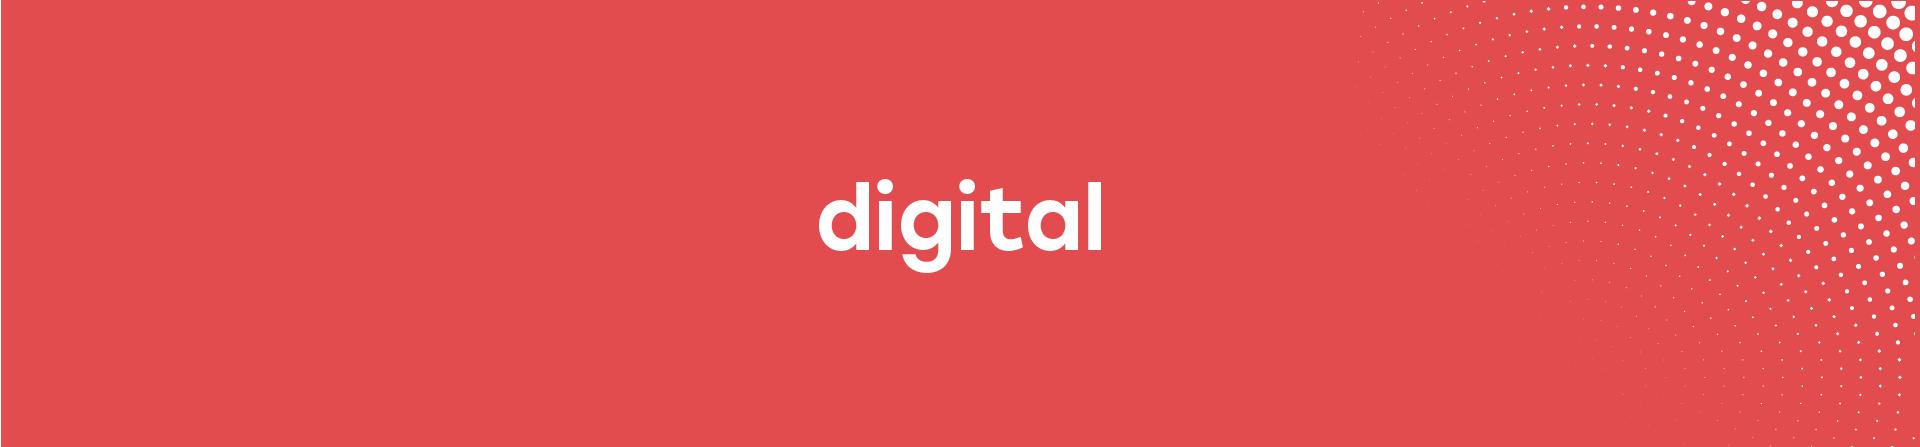 FAU Leadership Institute Digital Deliverables.png